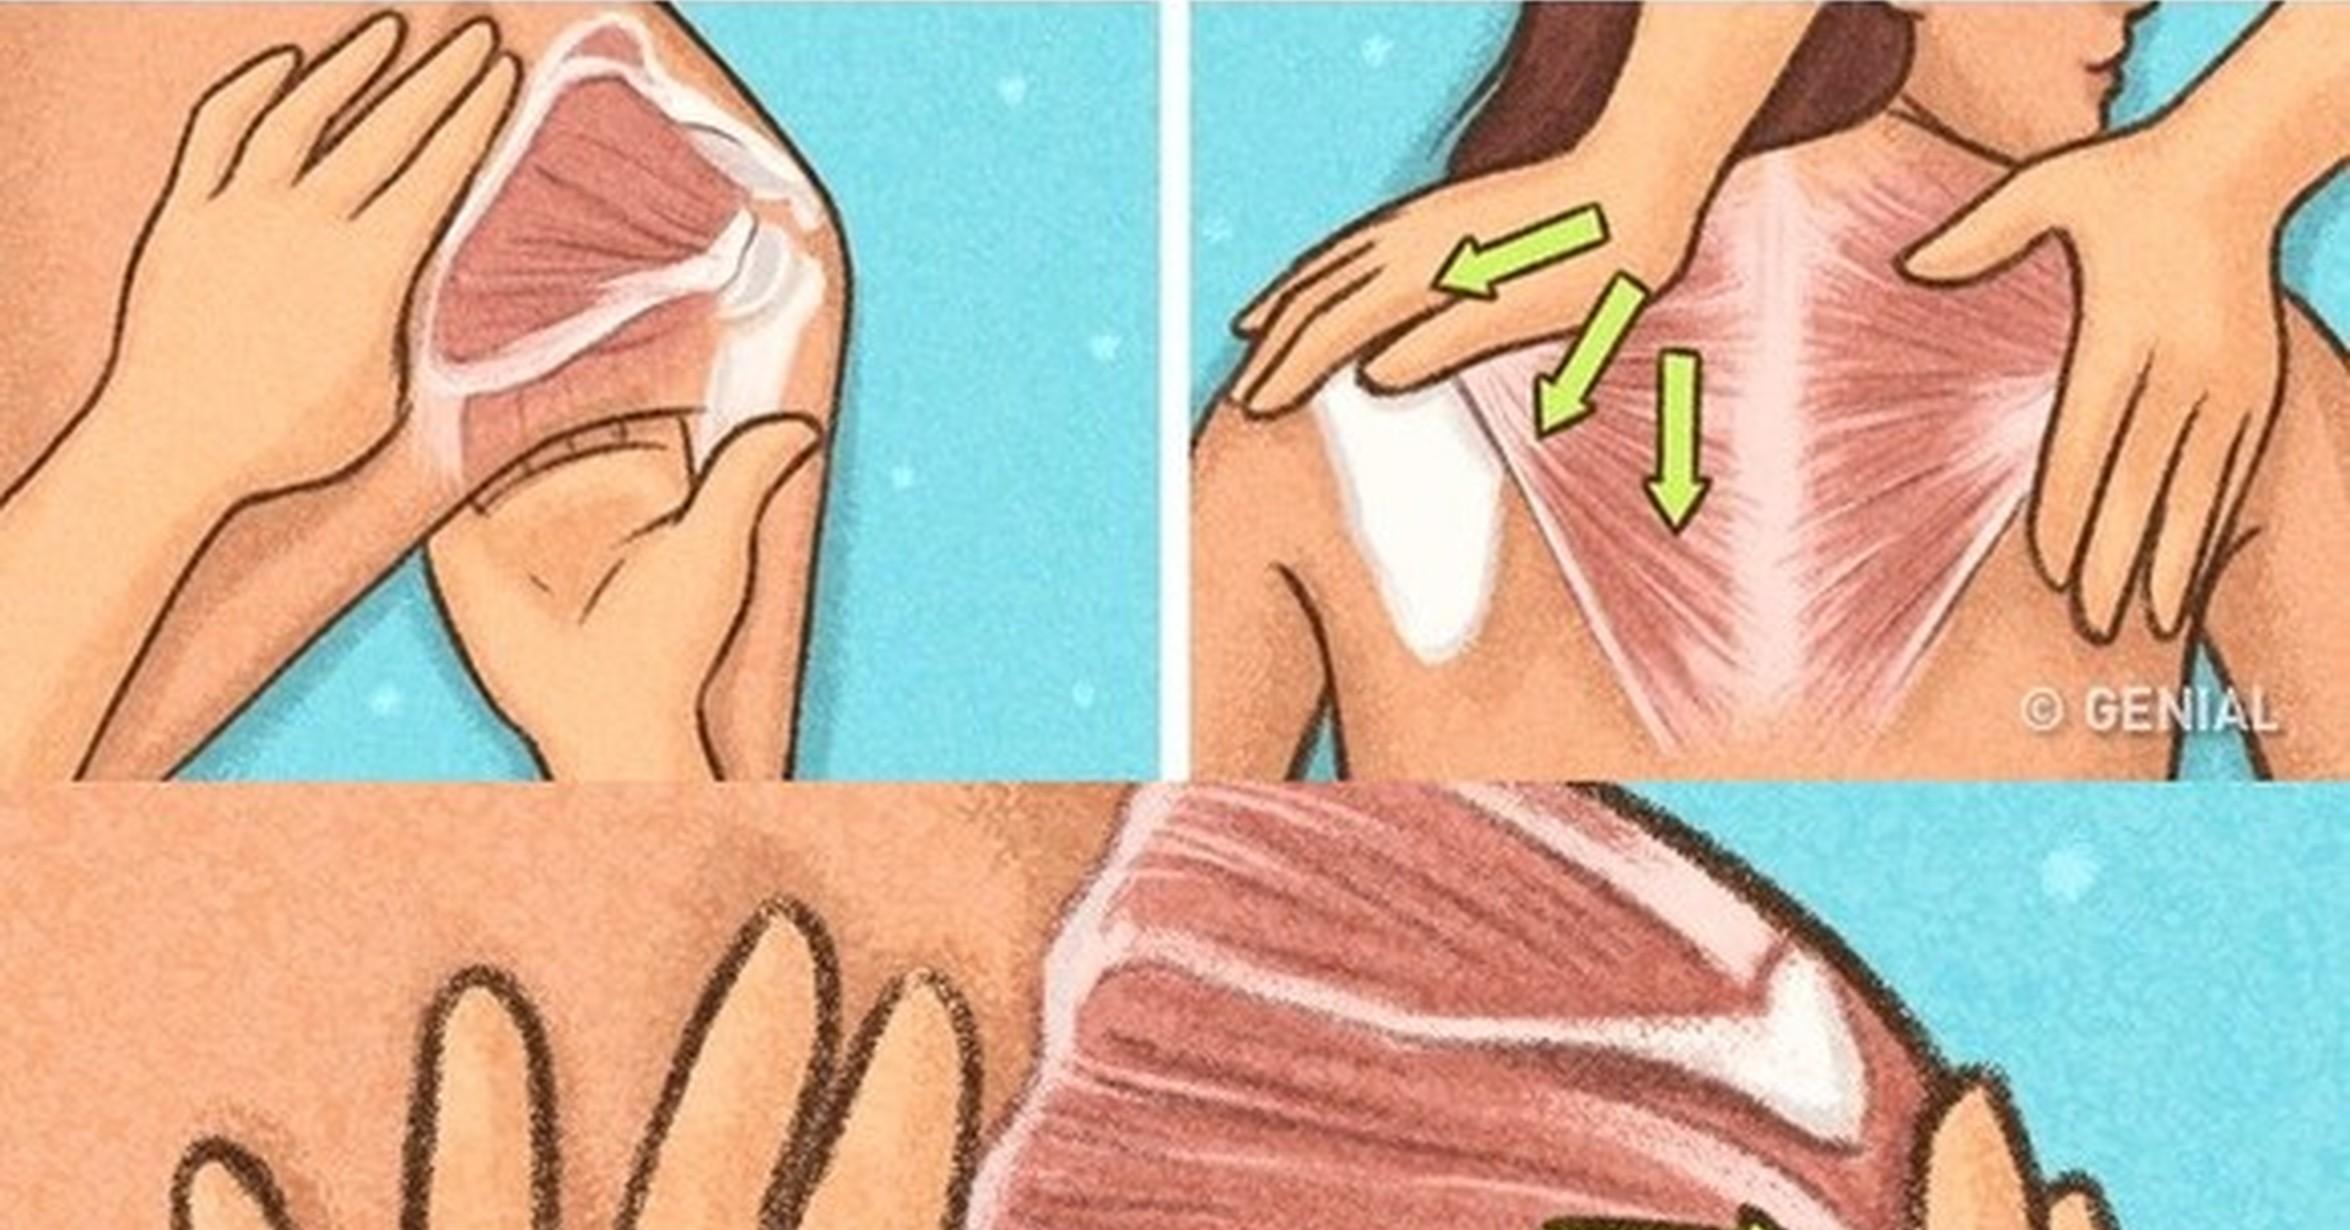 6 simples trucos muy sencillos que te convertirán en artista de los masajes